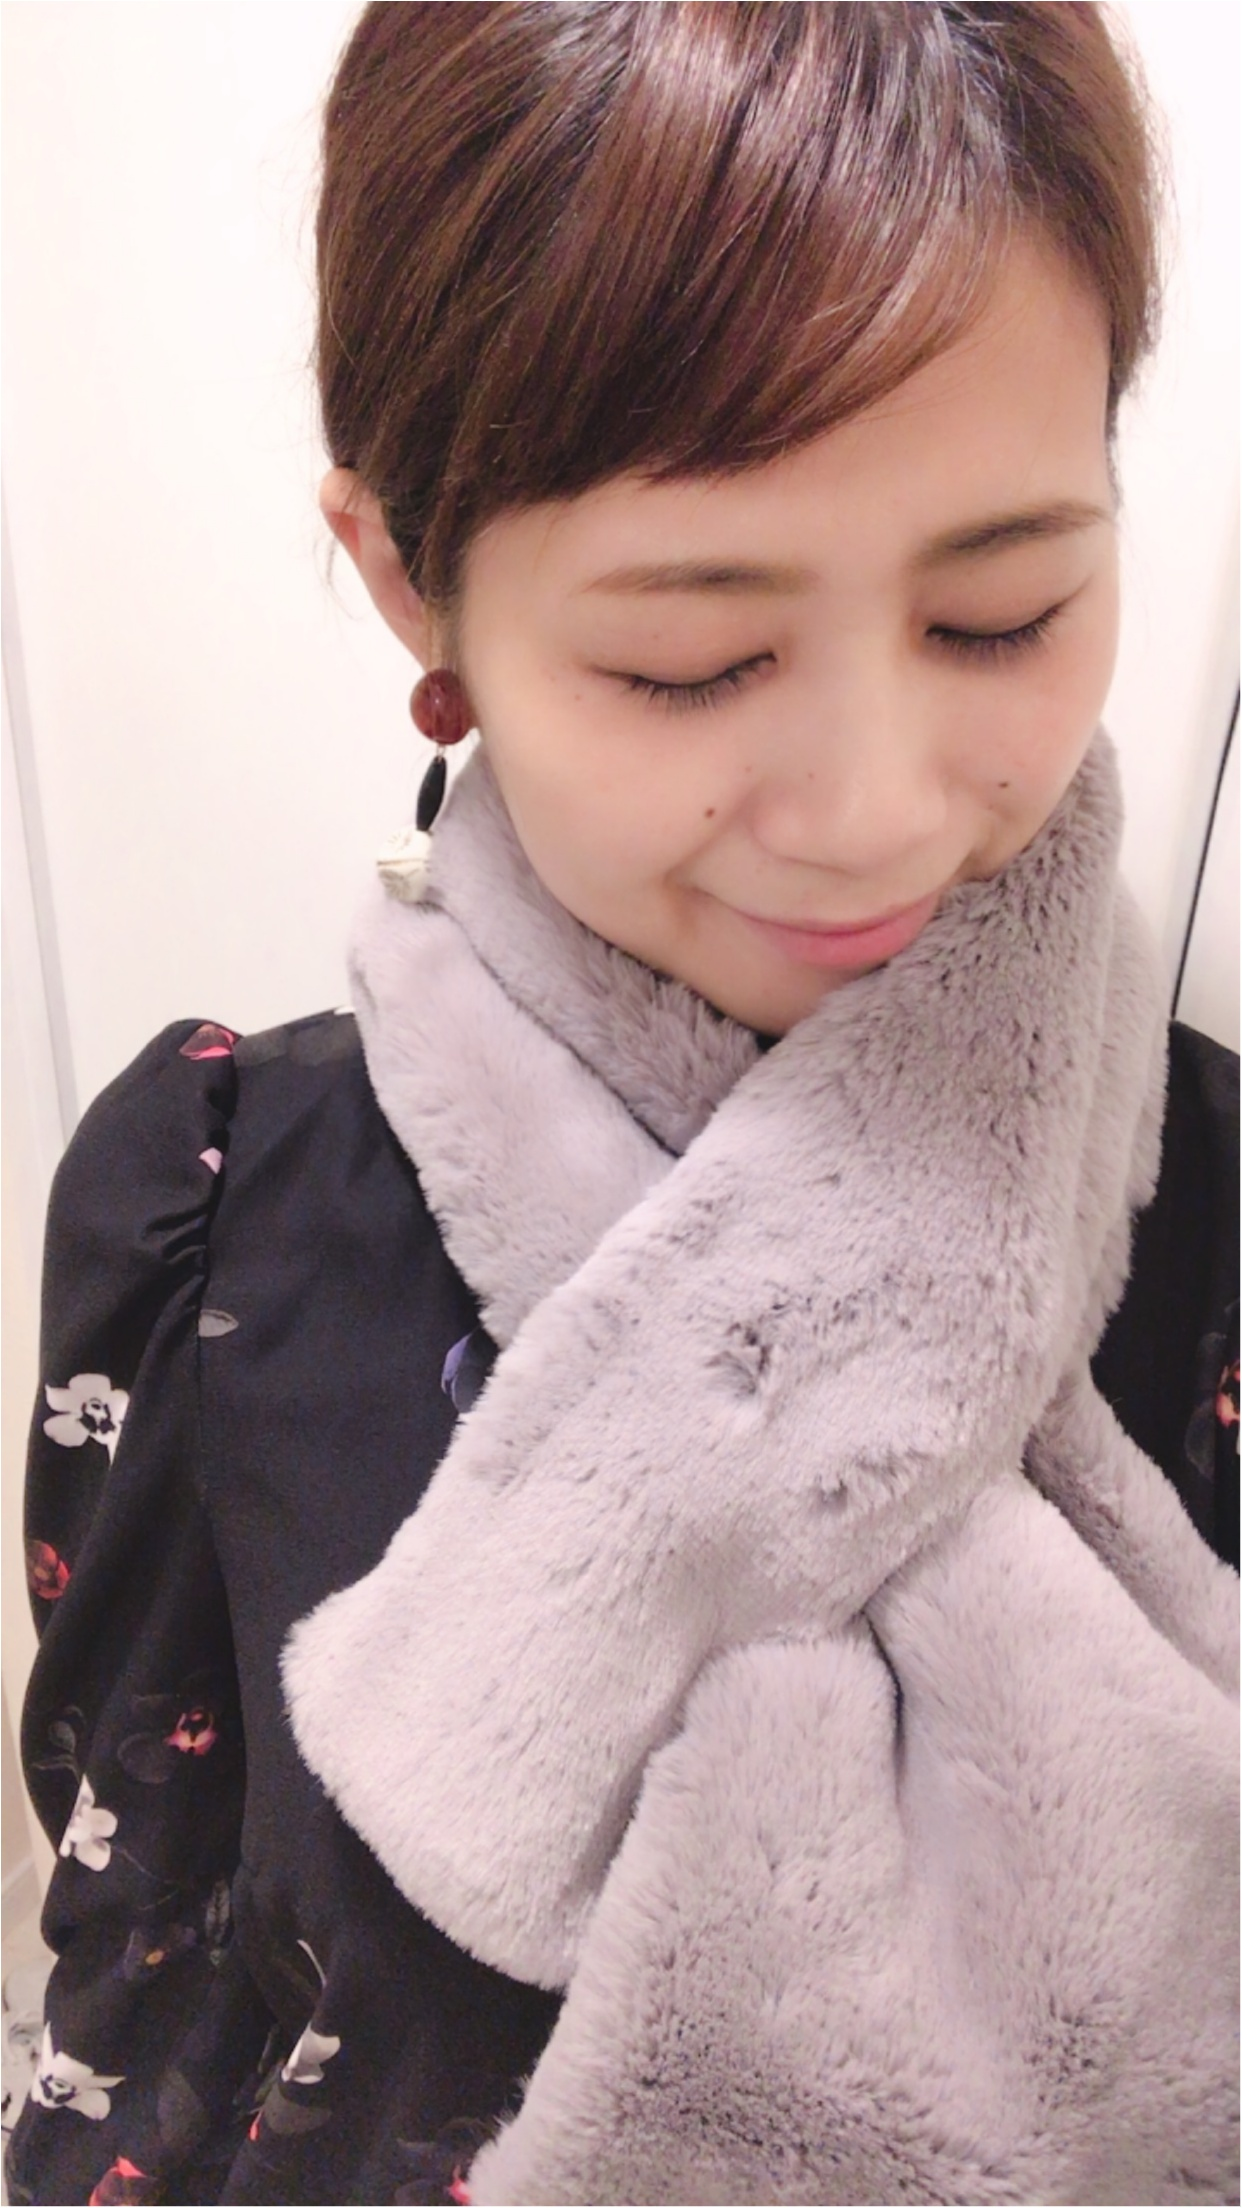 【 コーデ】組曲×MOREのコラボ♡ニットセットアップ&ファーティペットでMOREレディ♡_5